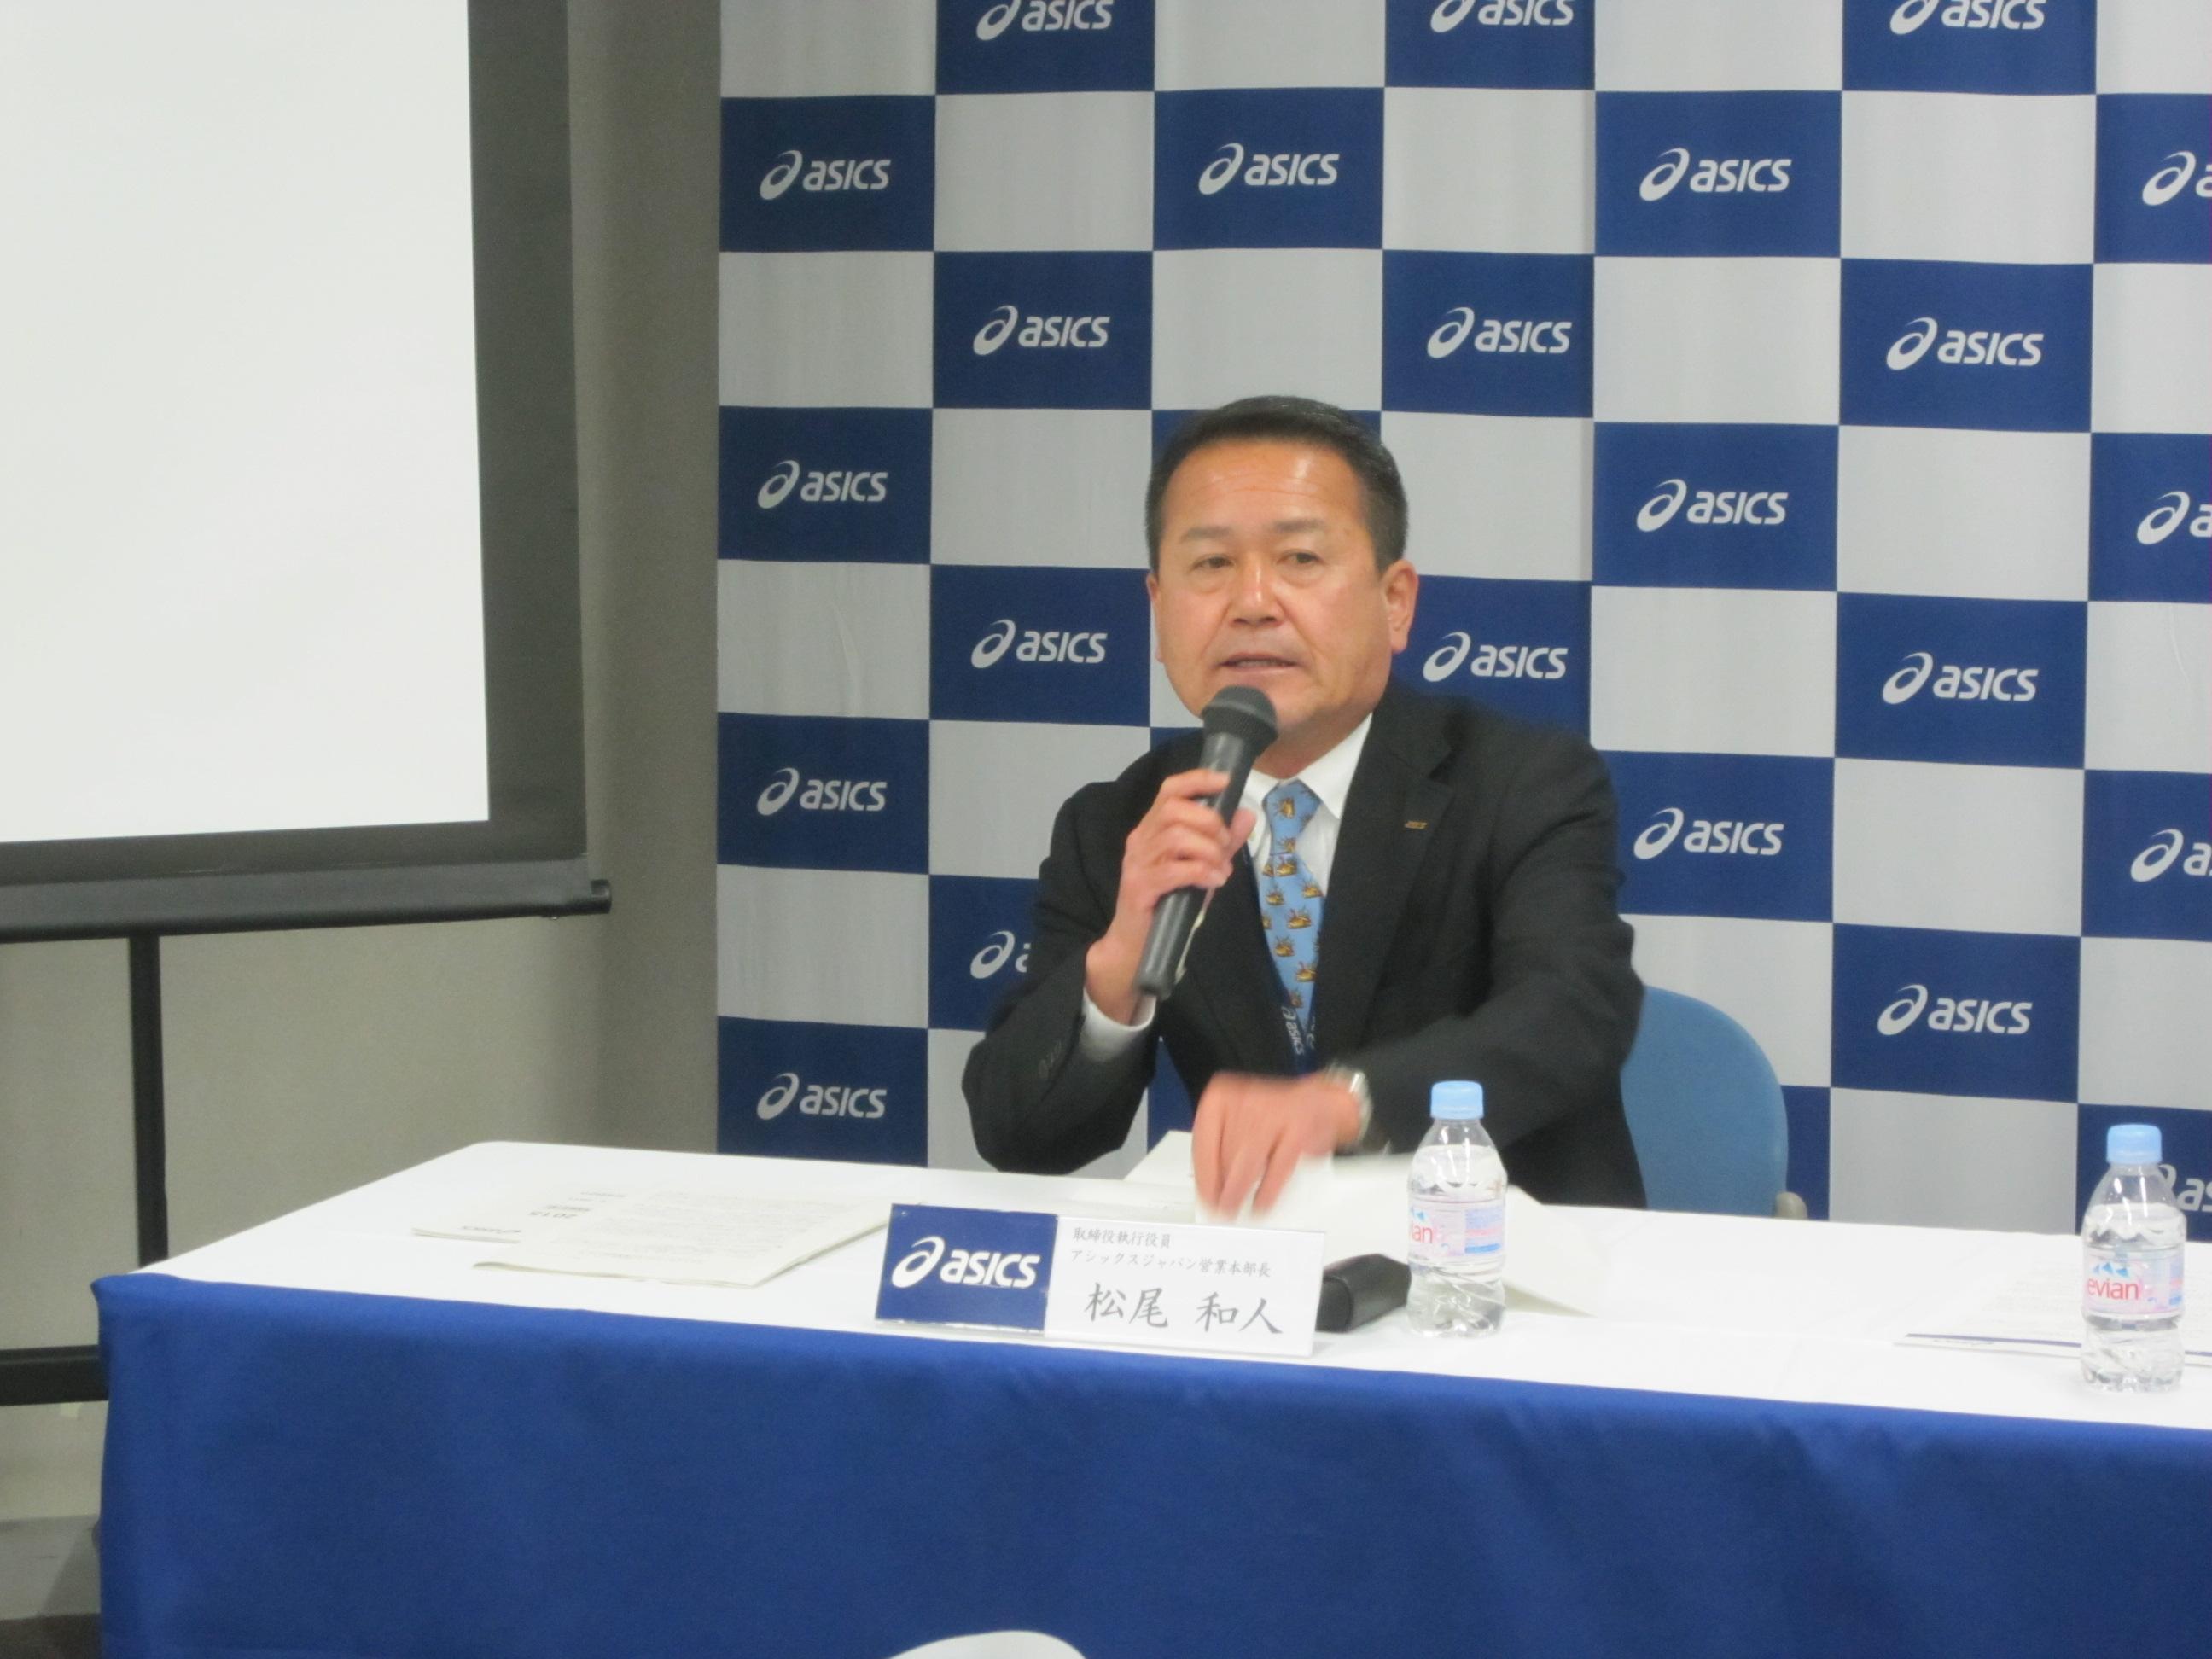 取締役執行役員営業本部本部長の松尾和人氏